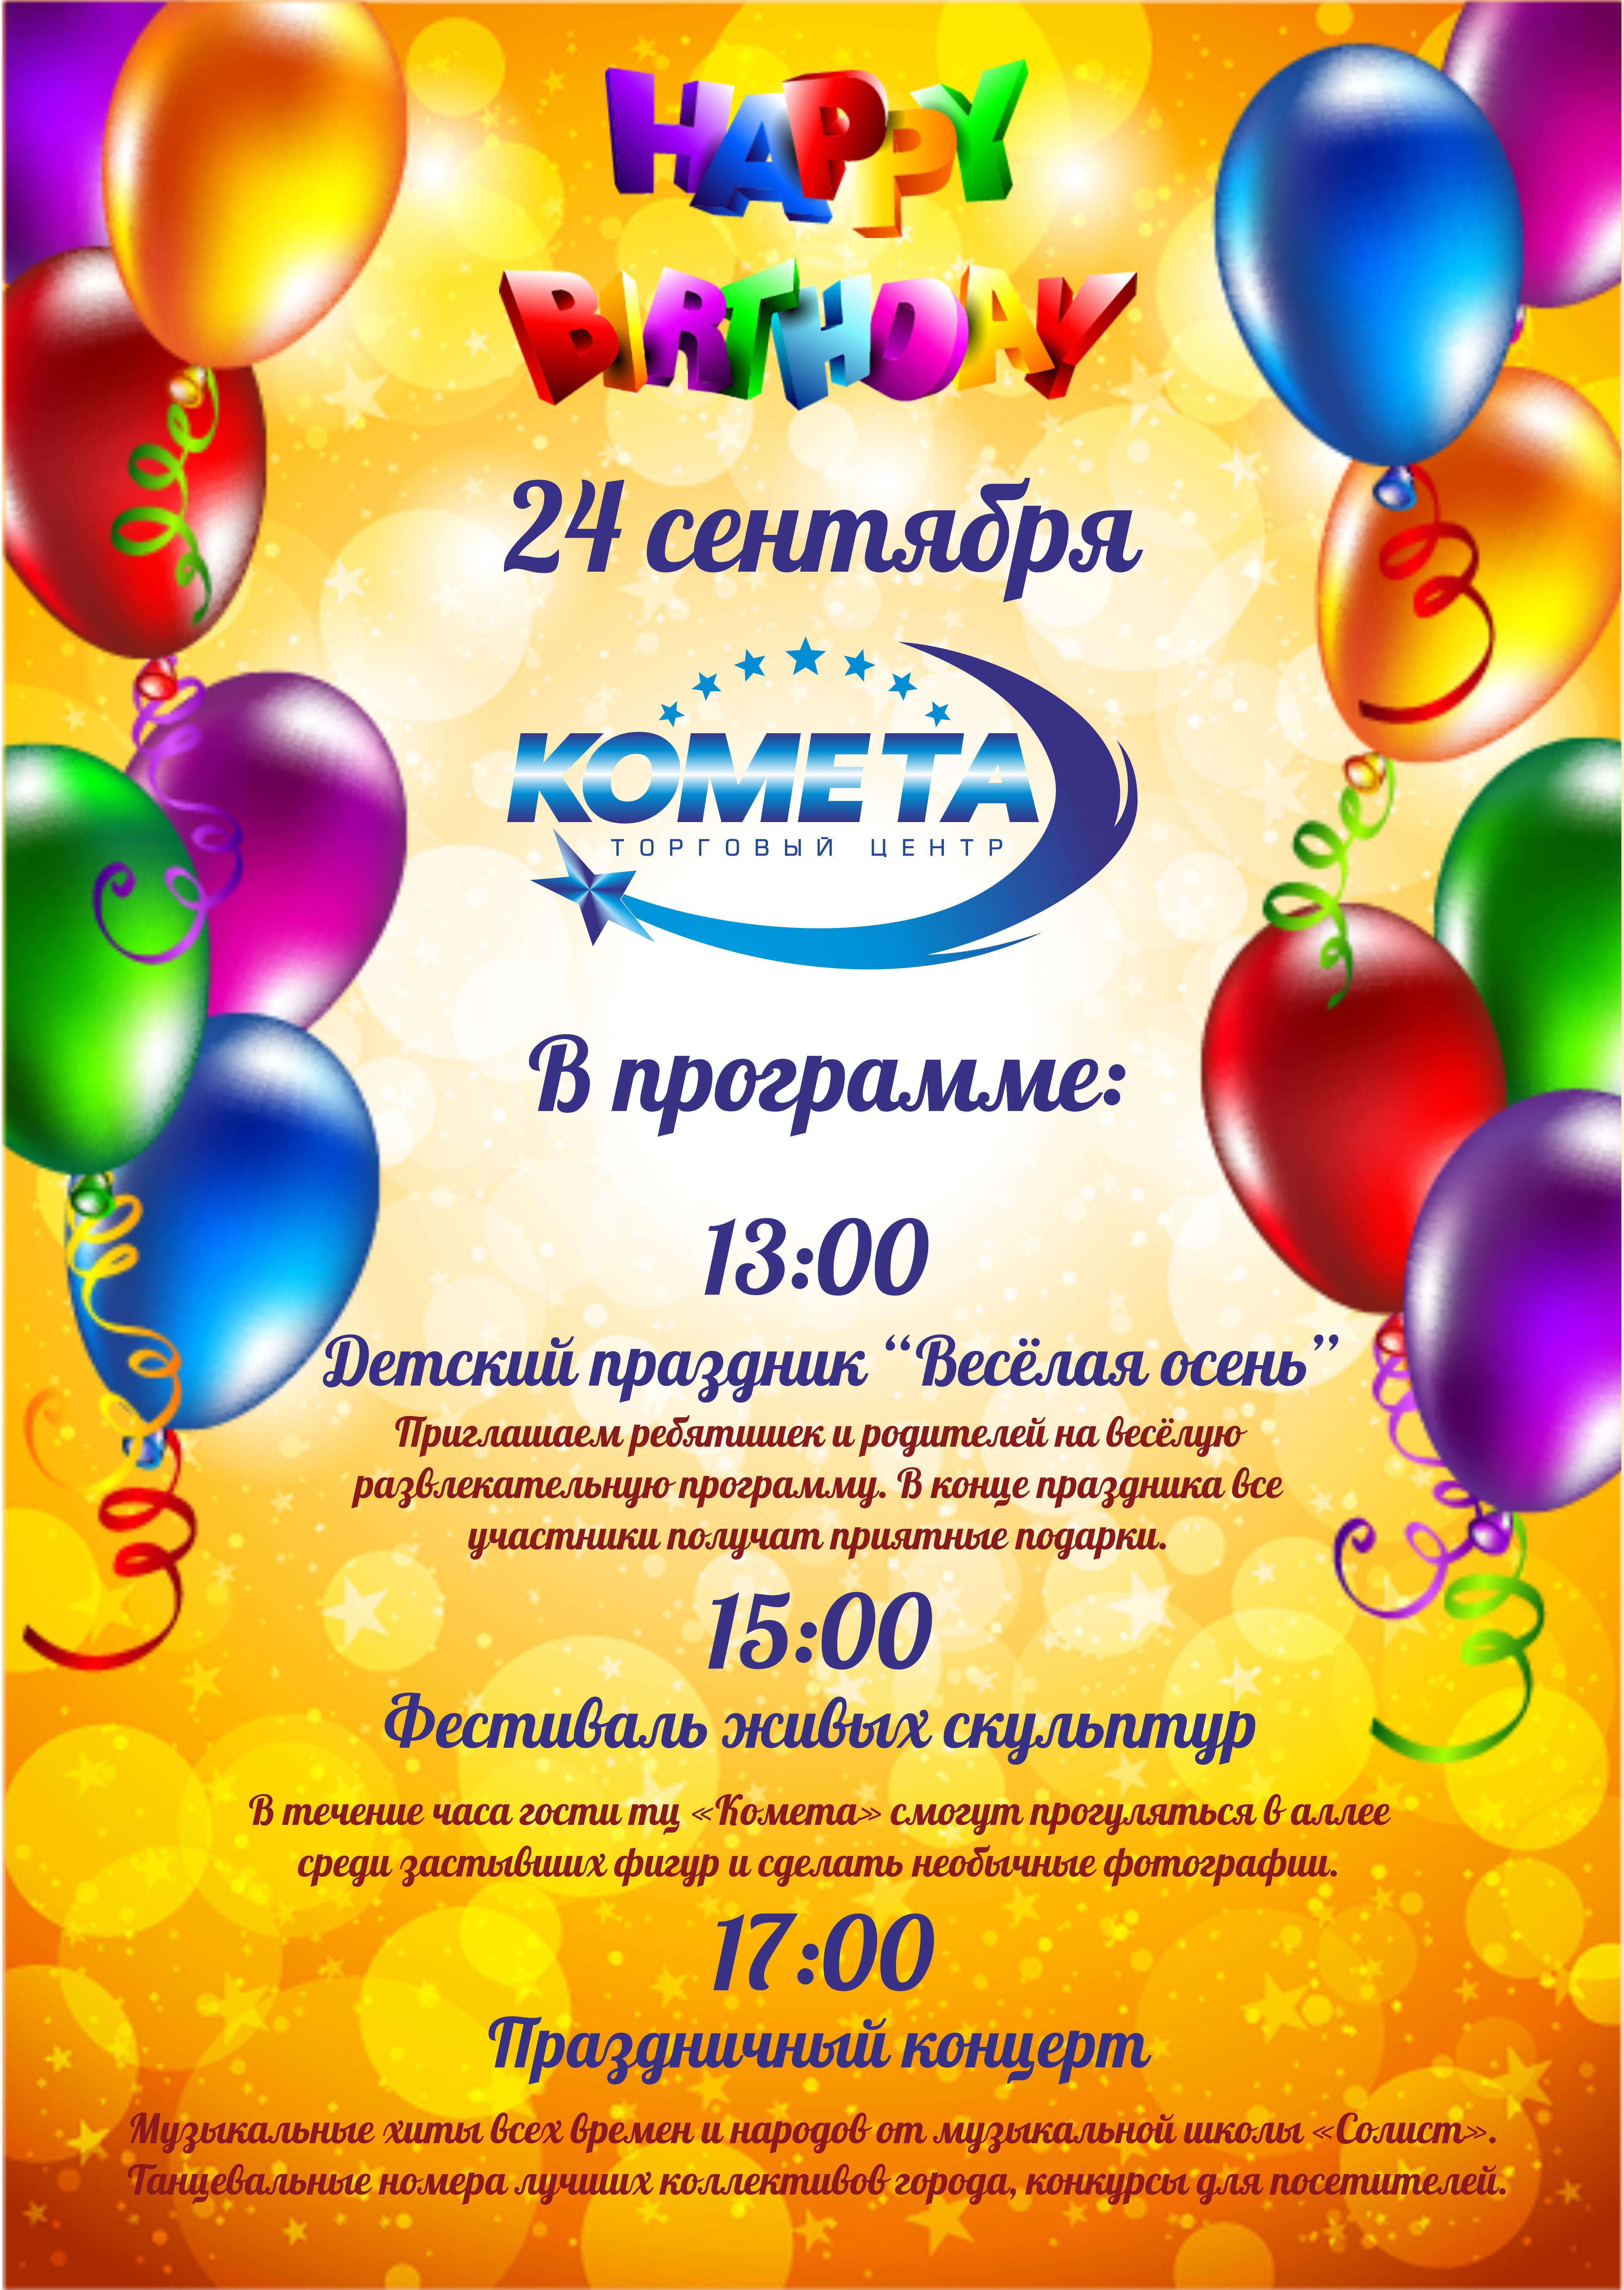 Развлекательная программа с конкурсами на день рождения